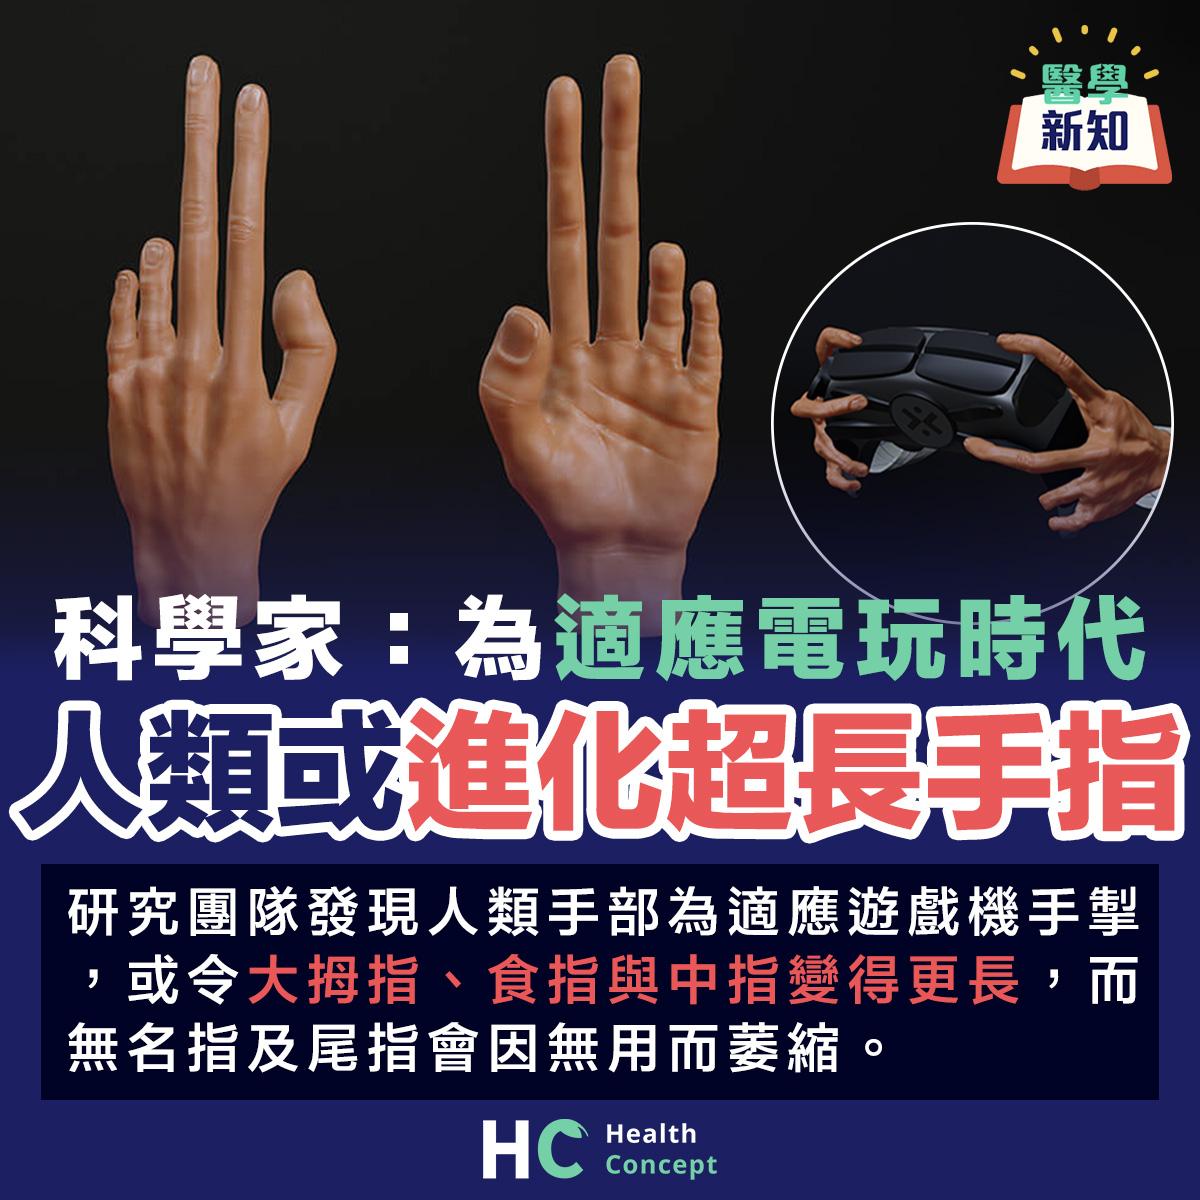 科學家:為適應電玩時代 人類或進化超長手指